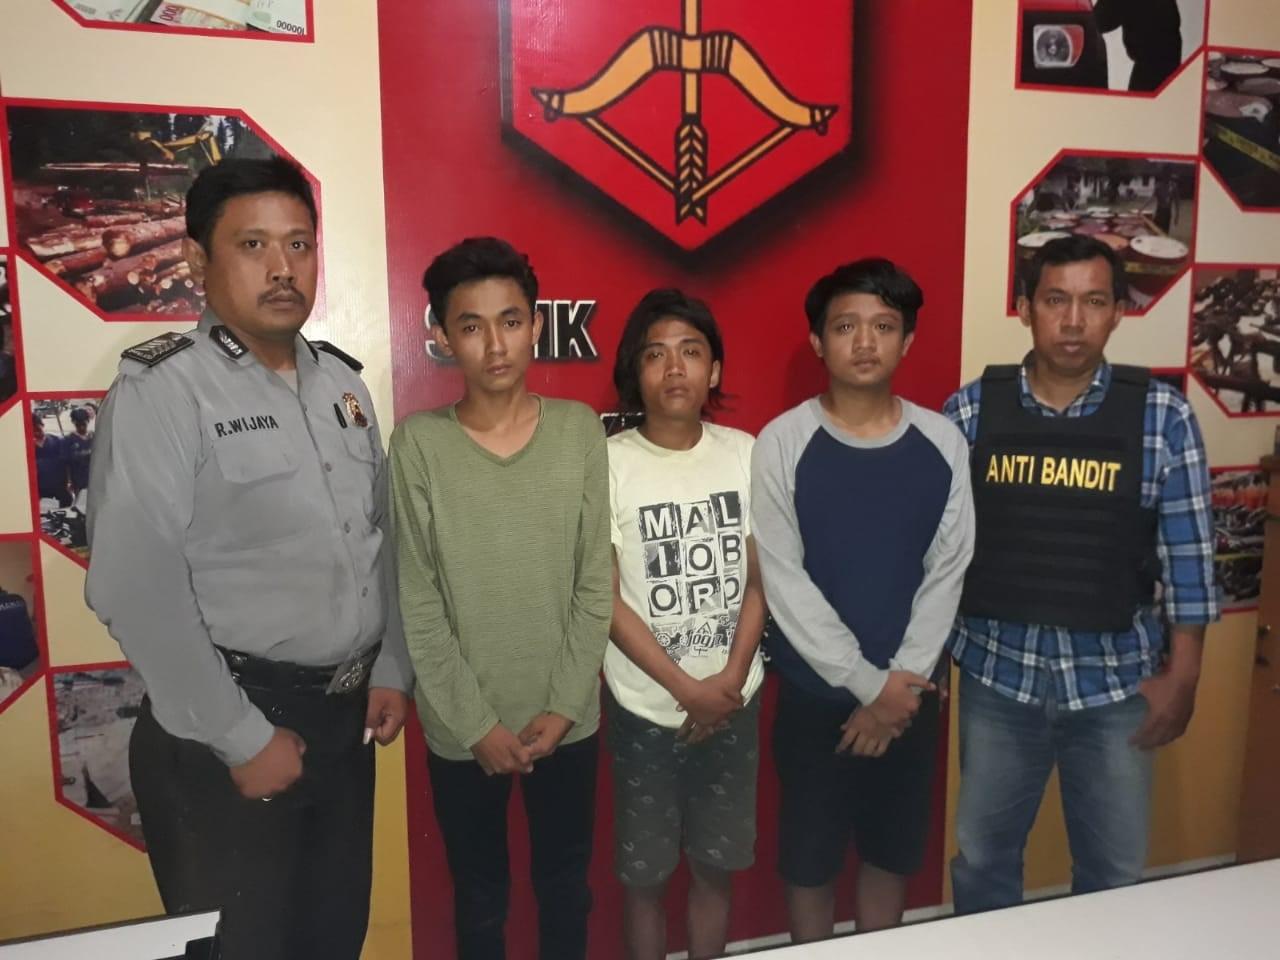 Polsek Gubeng Bekuk Komplotan Jambret Belia